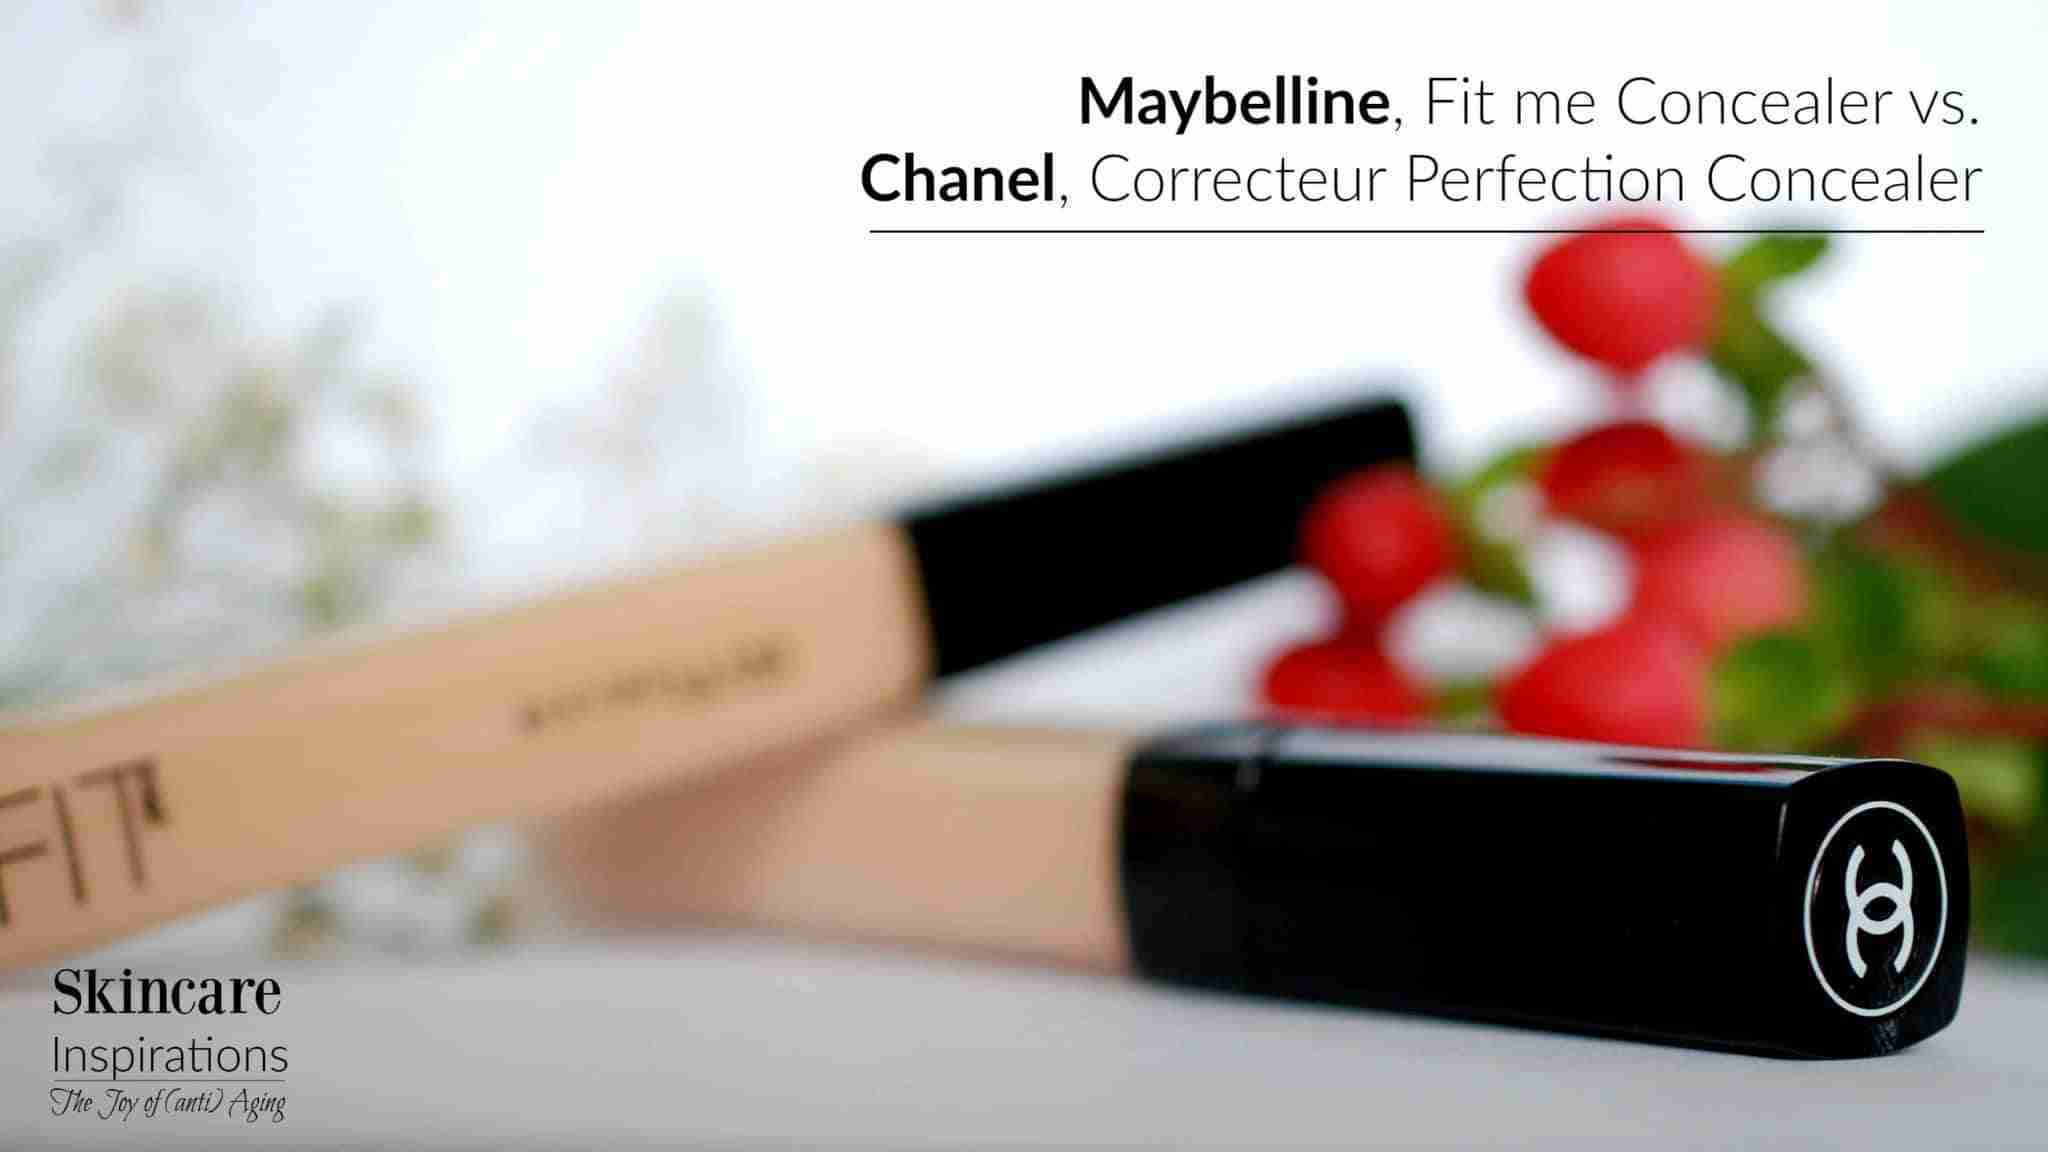 Maybelline Fit me Concealer